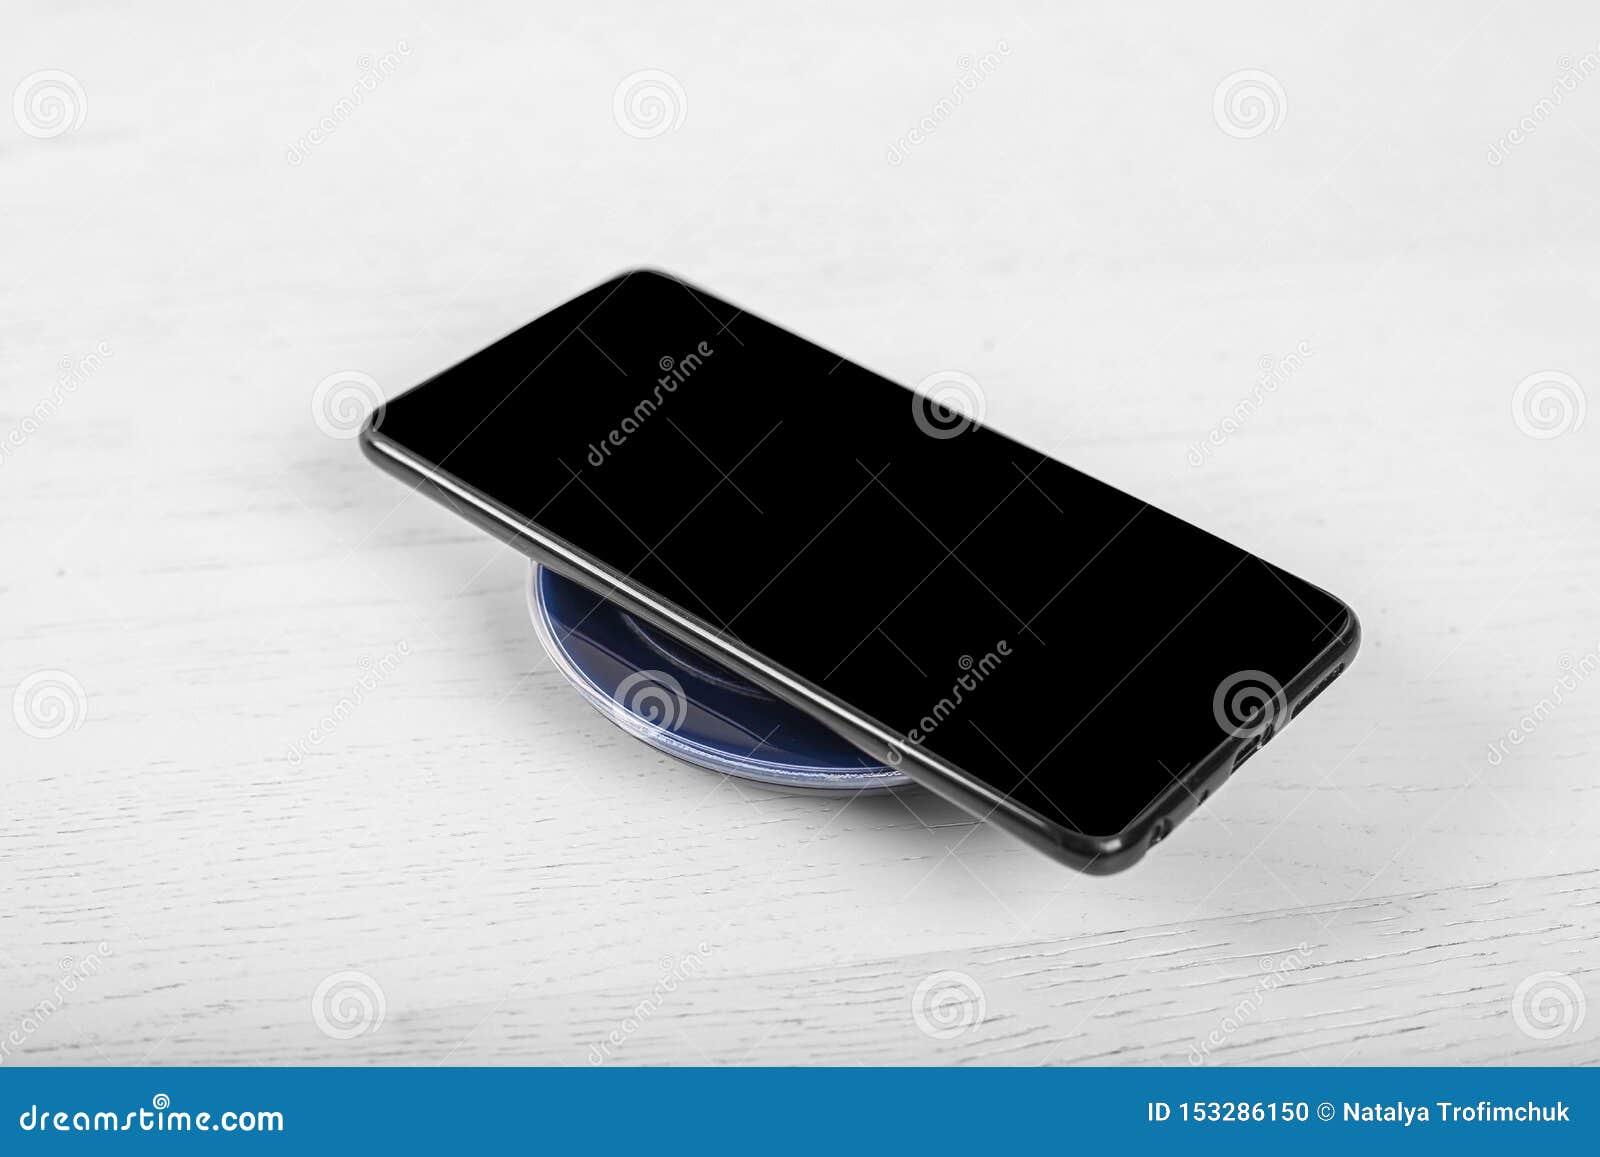 Handy auf drahtlosem Ladegerät, moderne Ausrüstung auf weißem Hintergrund